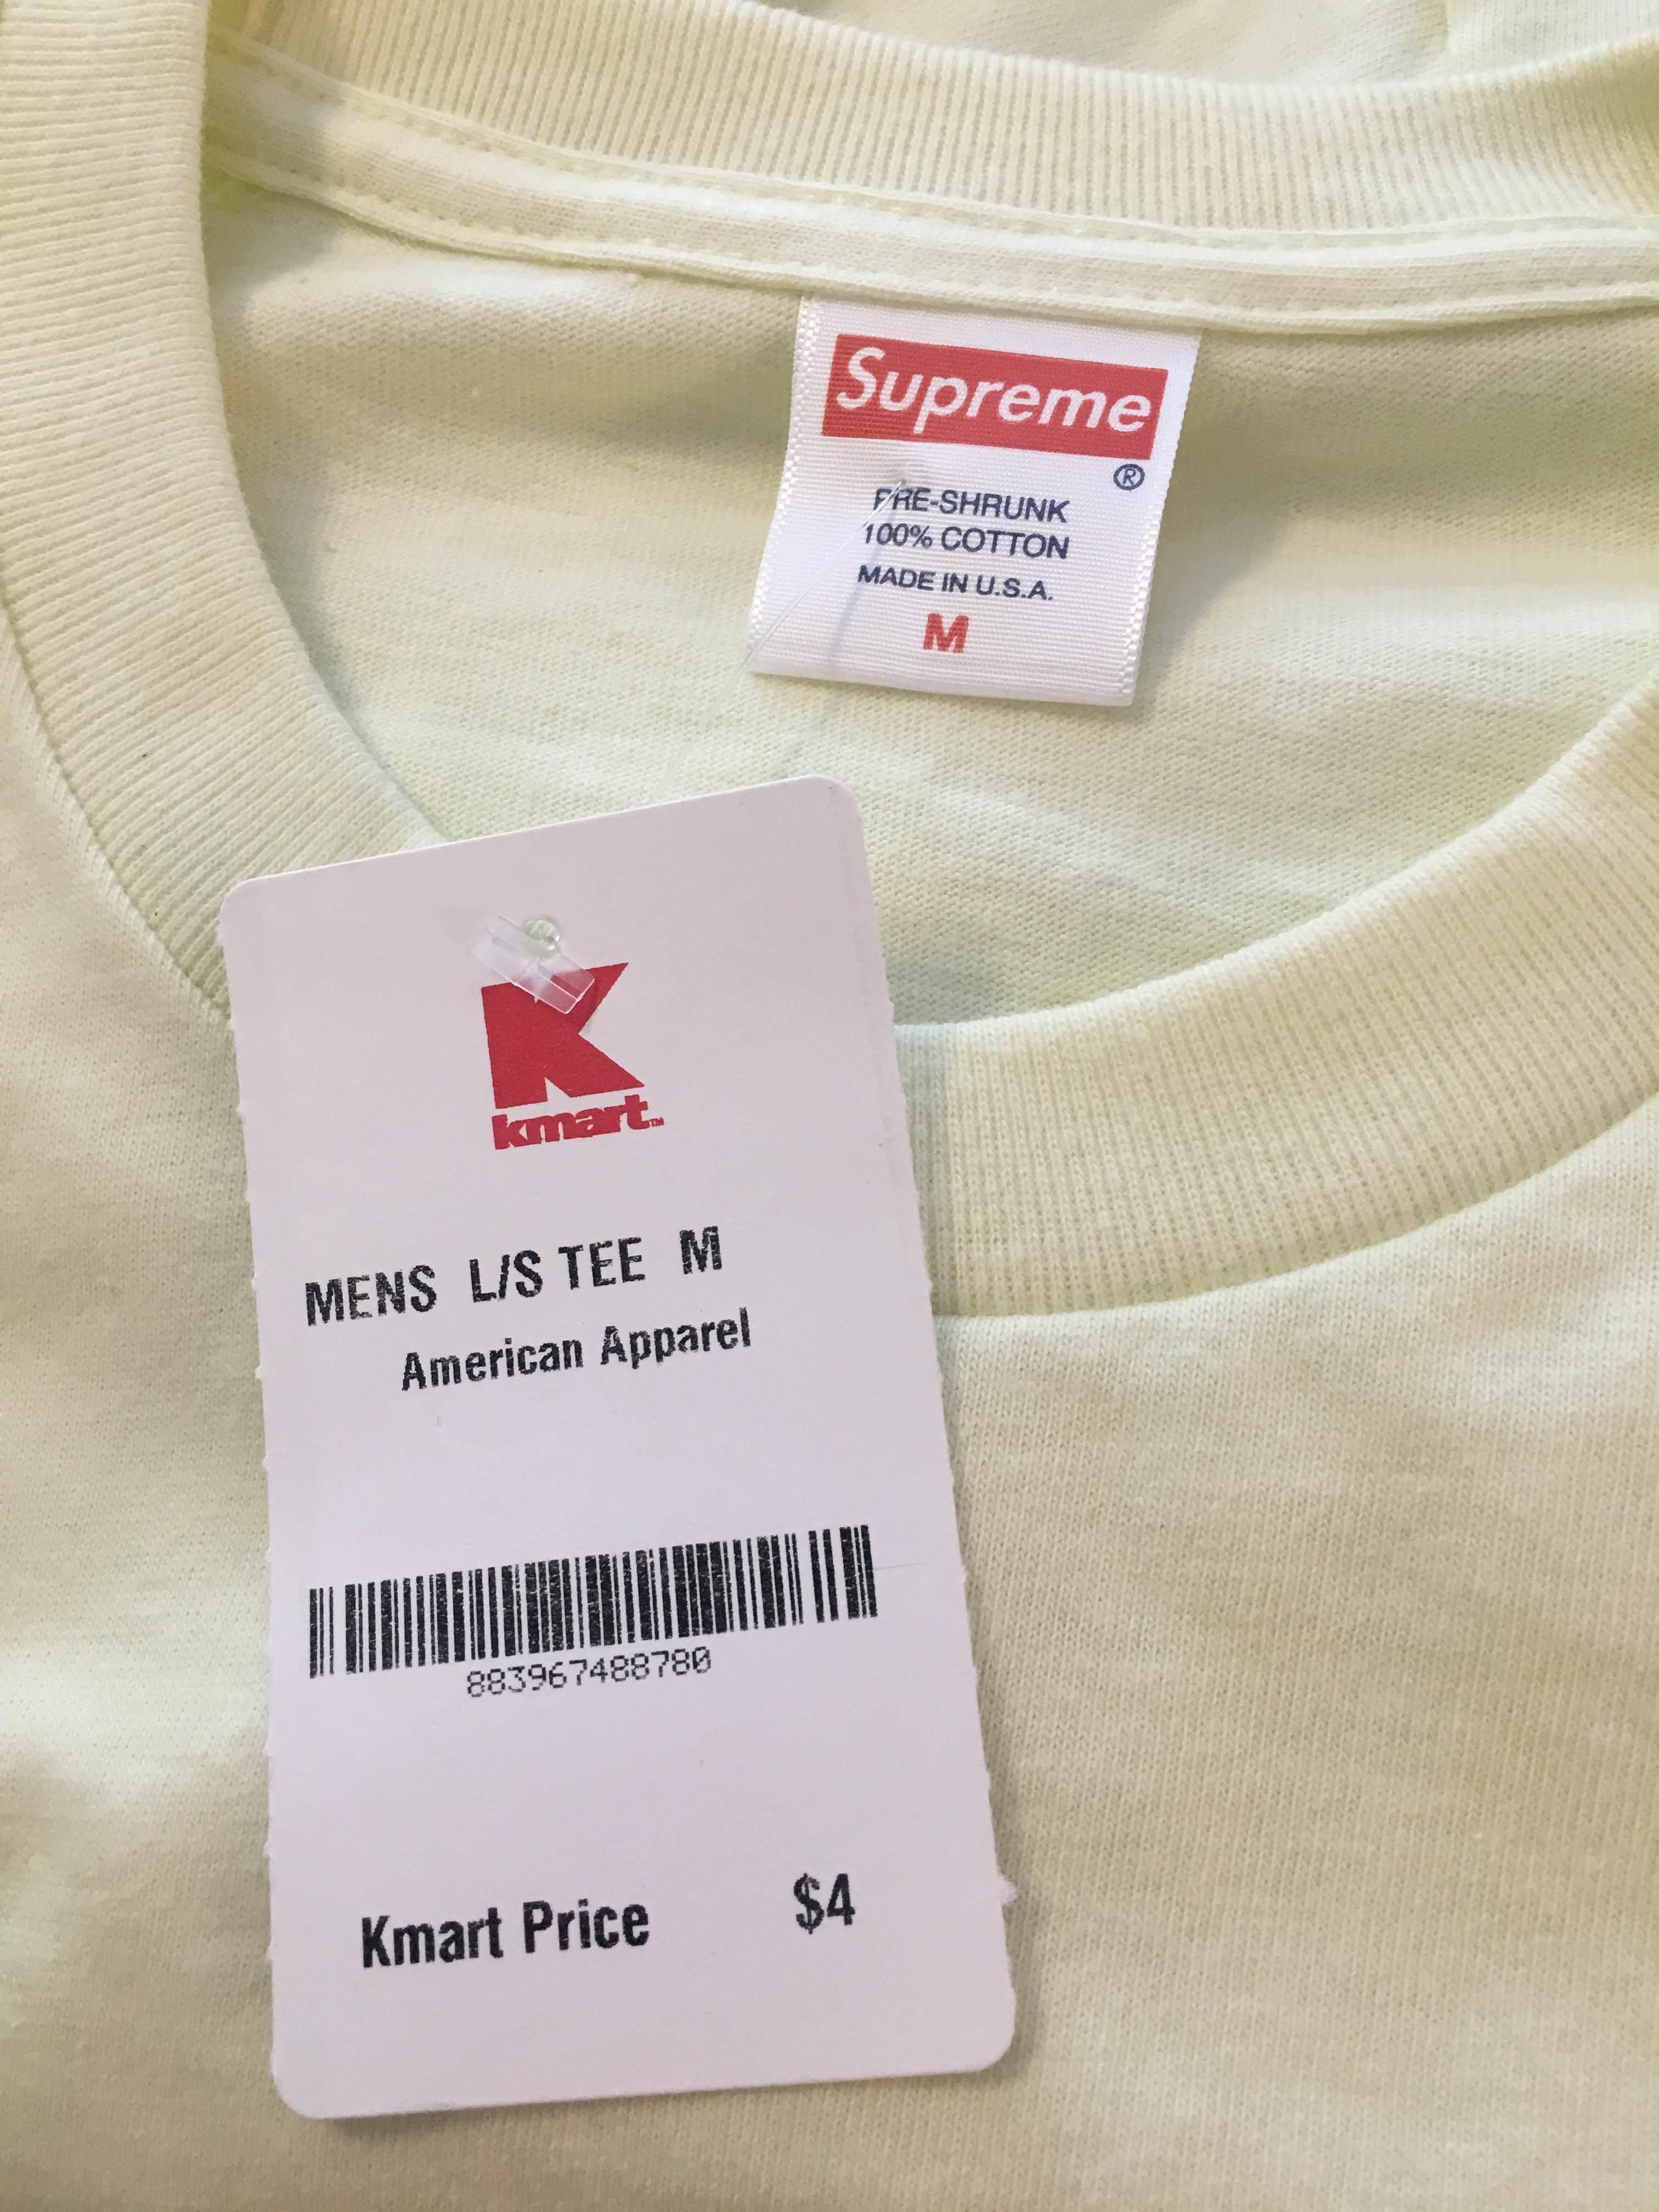 perché in america le t-shirt supreme stanno costando 4 dollari  - i-D 9d40a6ae6017